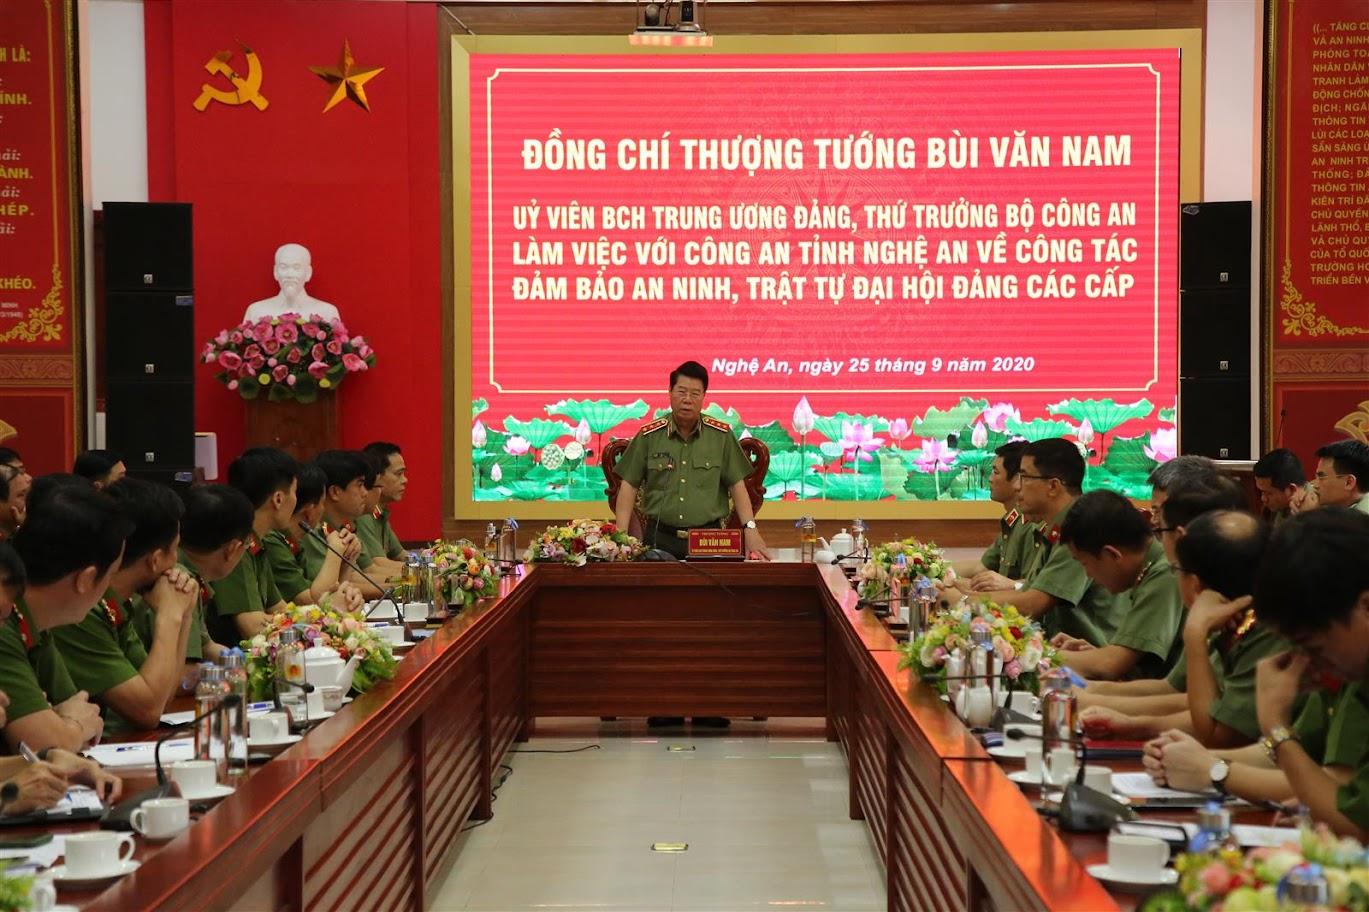 Thượng tướng Bùi Văn Nam, Thứ trưởng Bộ Công an phát biểu chỉ đạo tại buổi làm việc